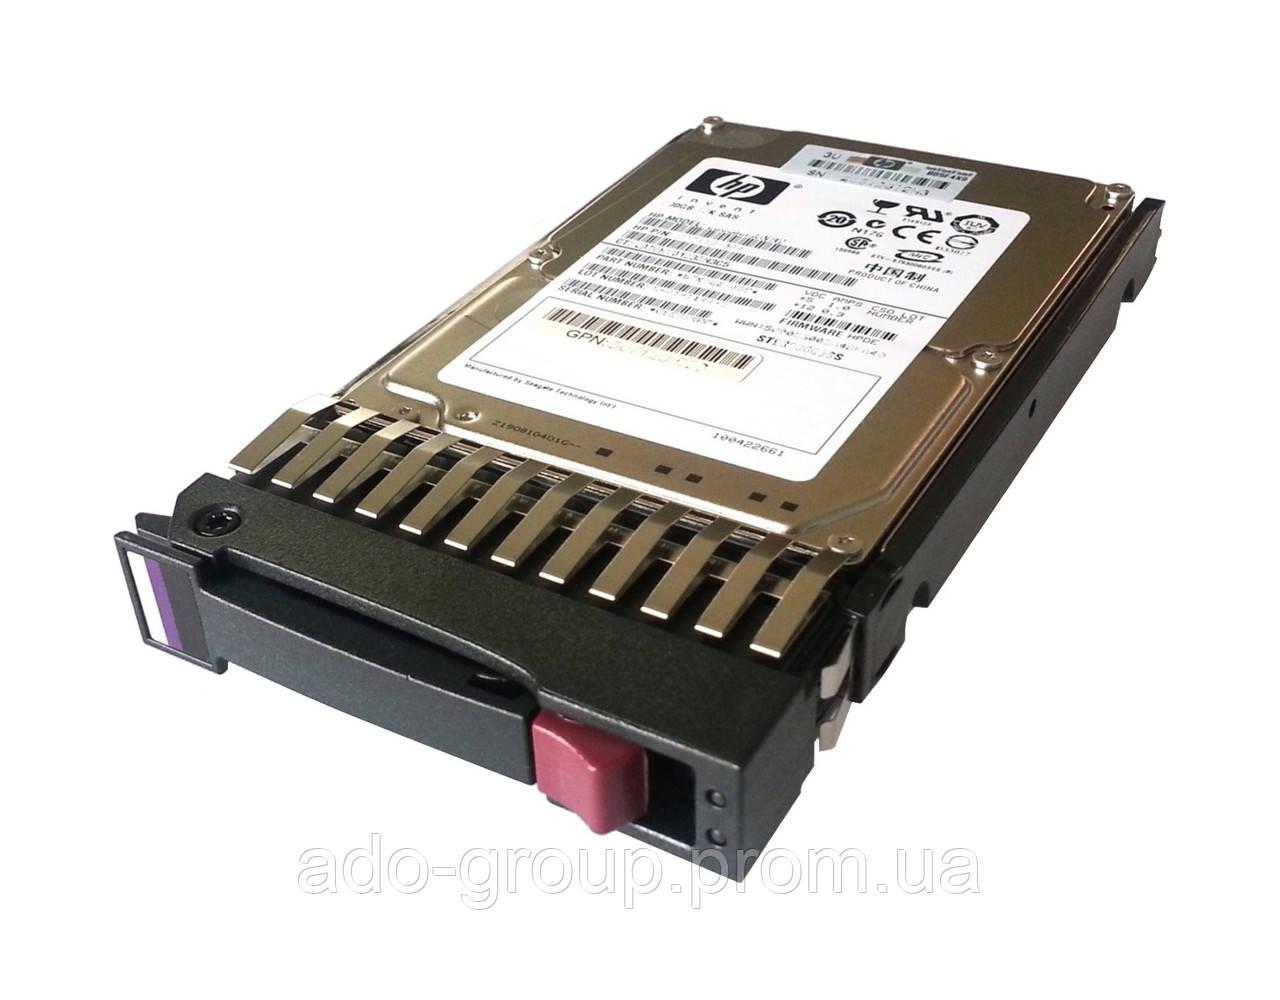 """597609-002 Жесткий диск HP 450GB SAS 10K 6G DP 2.5"""""""